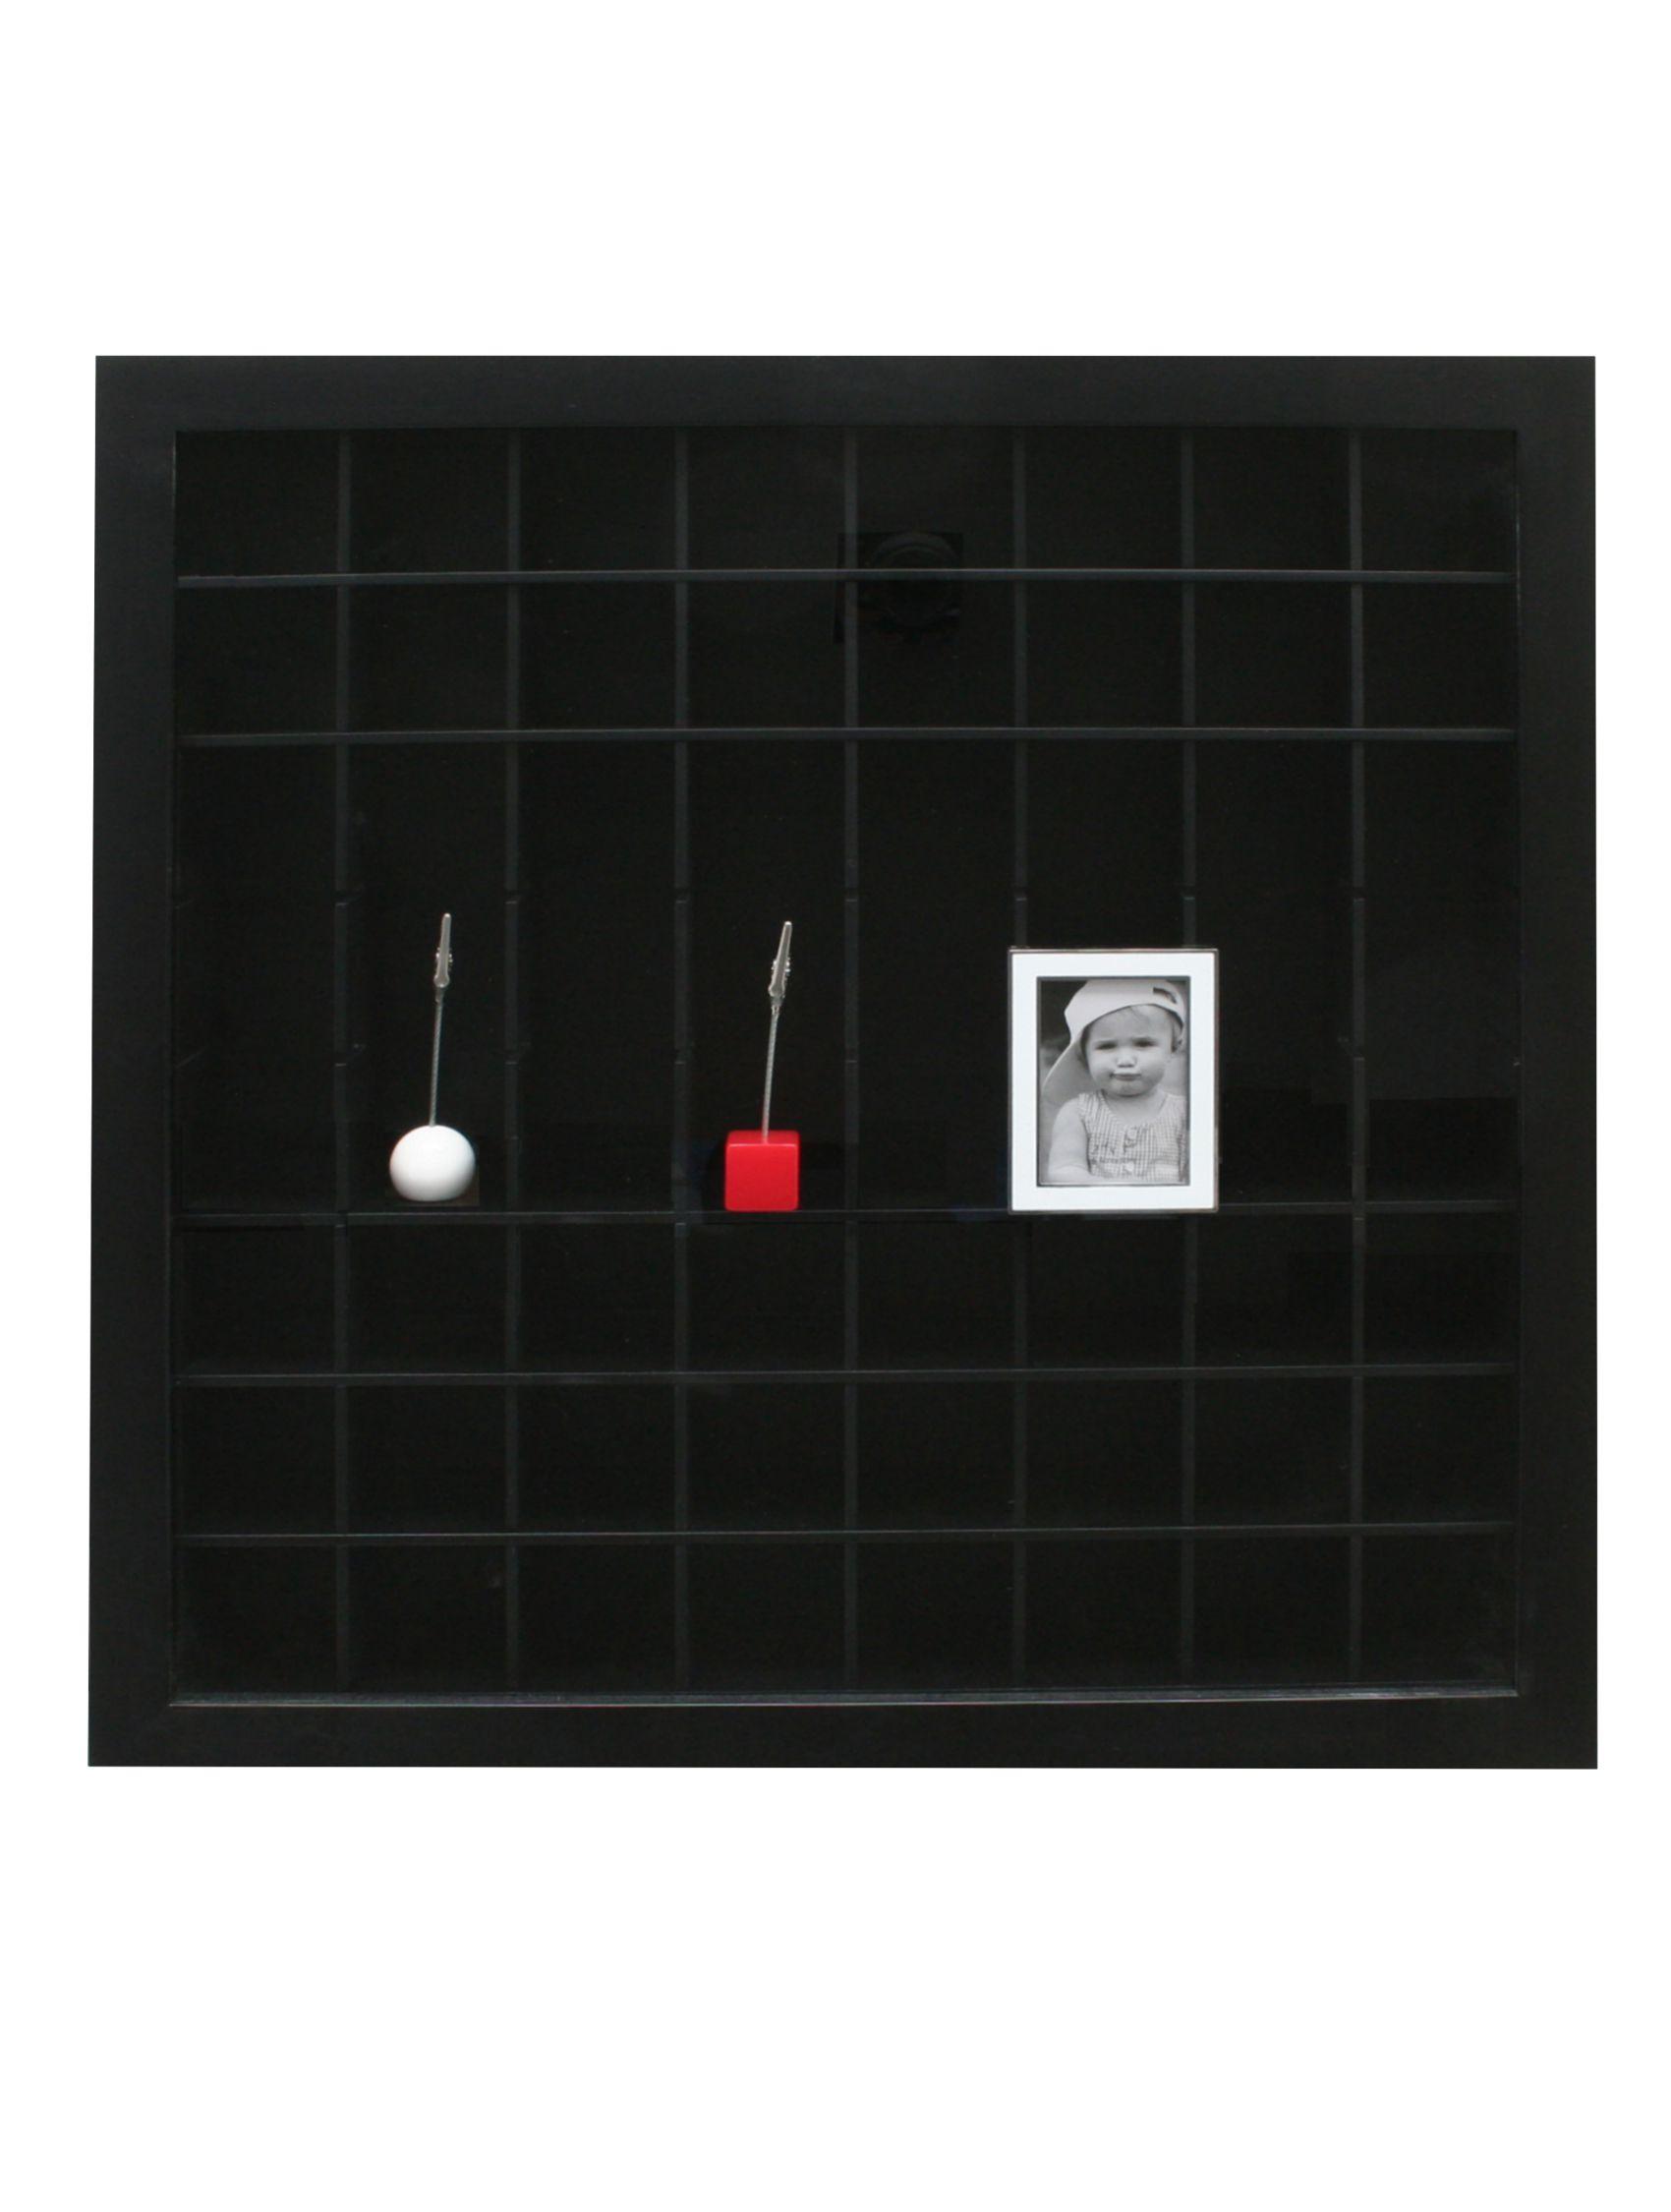 Verzamelbox zwart, openingen aanpasbaar, diepte 4,5cm (40x40) en 6,8cm (50x50) S67RY2